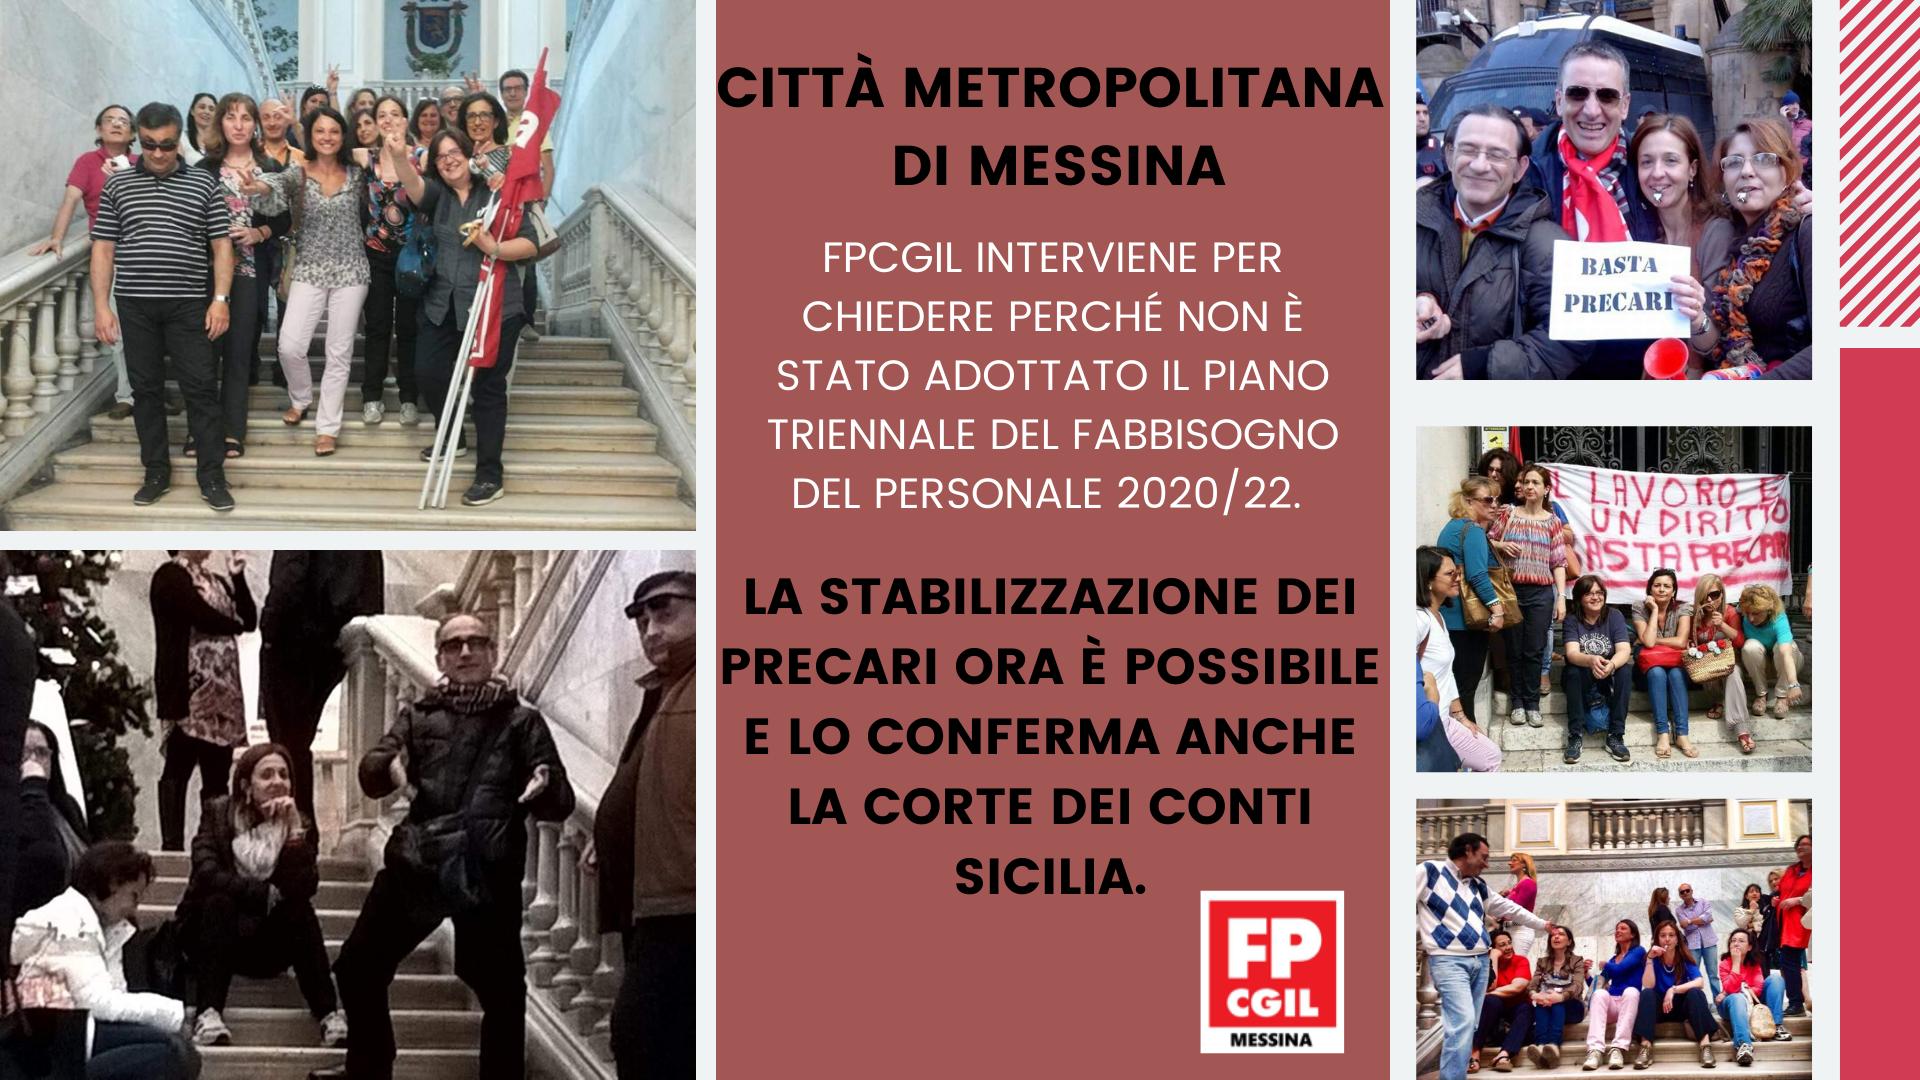 Città Metropolitana di Messina, Approvazione Documento Unico di Programmazione 2020/2022 (DUP) e Bilancio di Previsione 2020/2022. Mancata adozione Piano Triennale Fabbisogno Personale 2020/22.